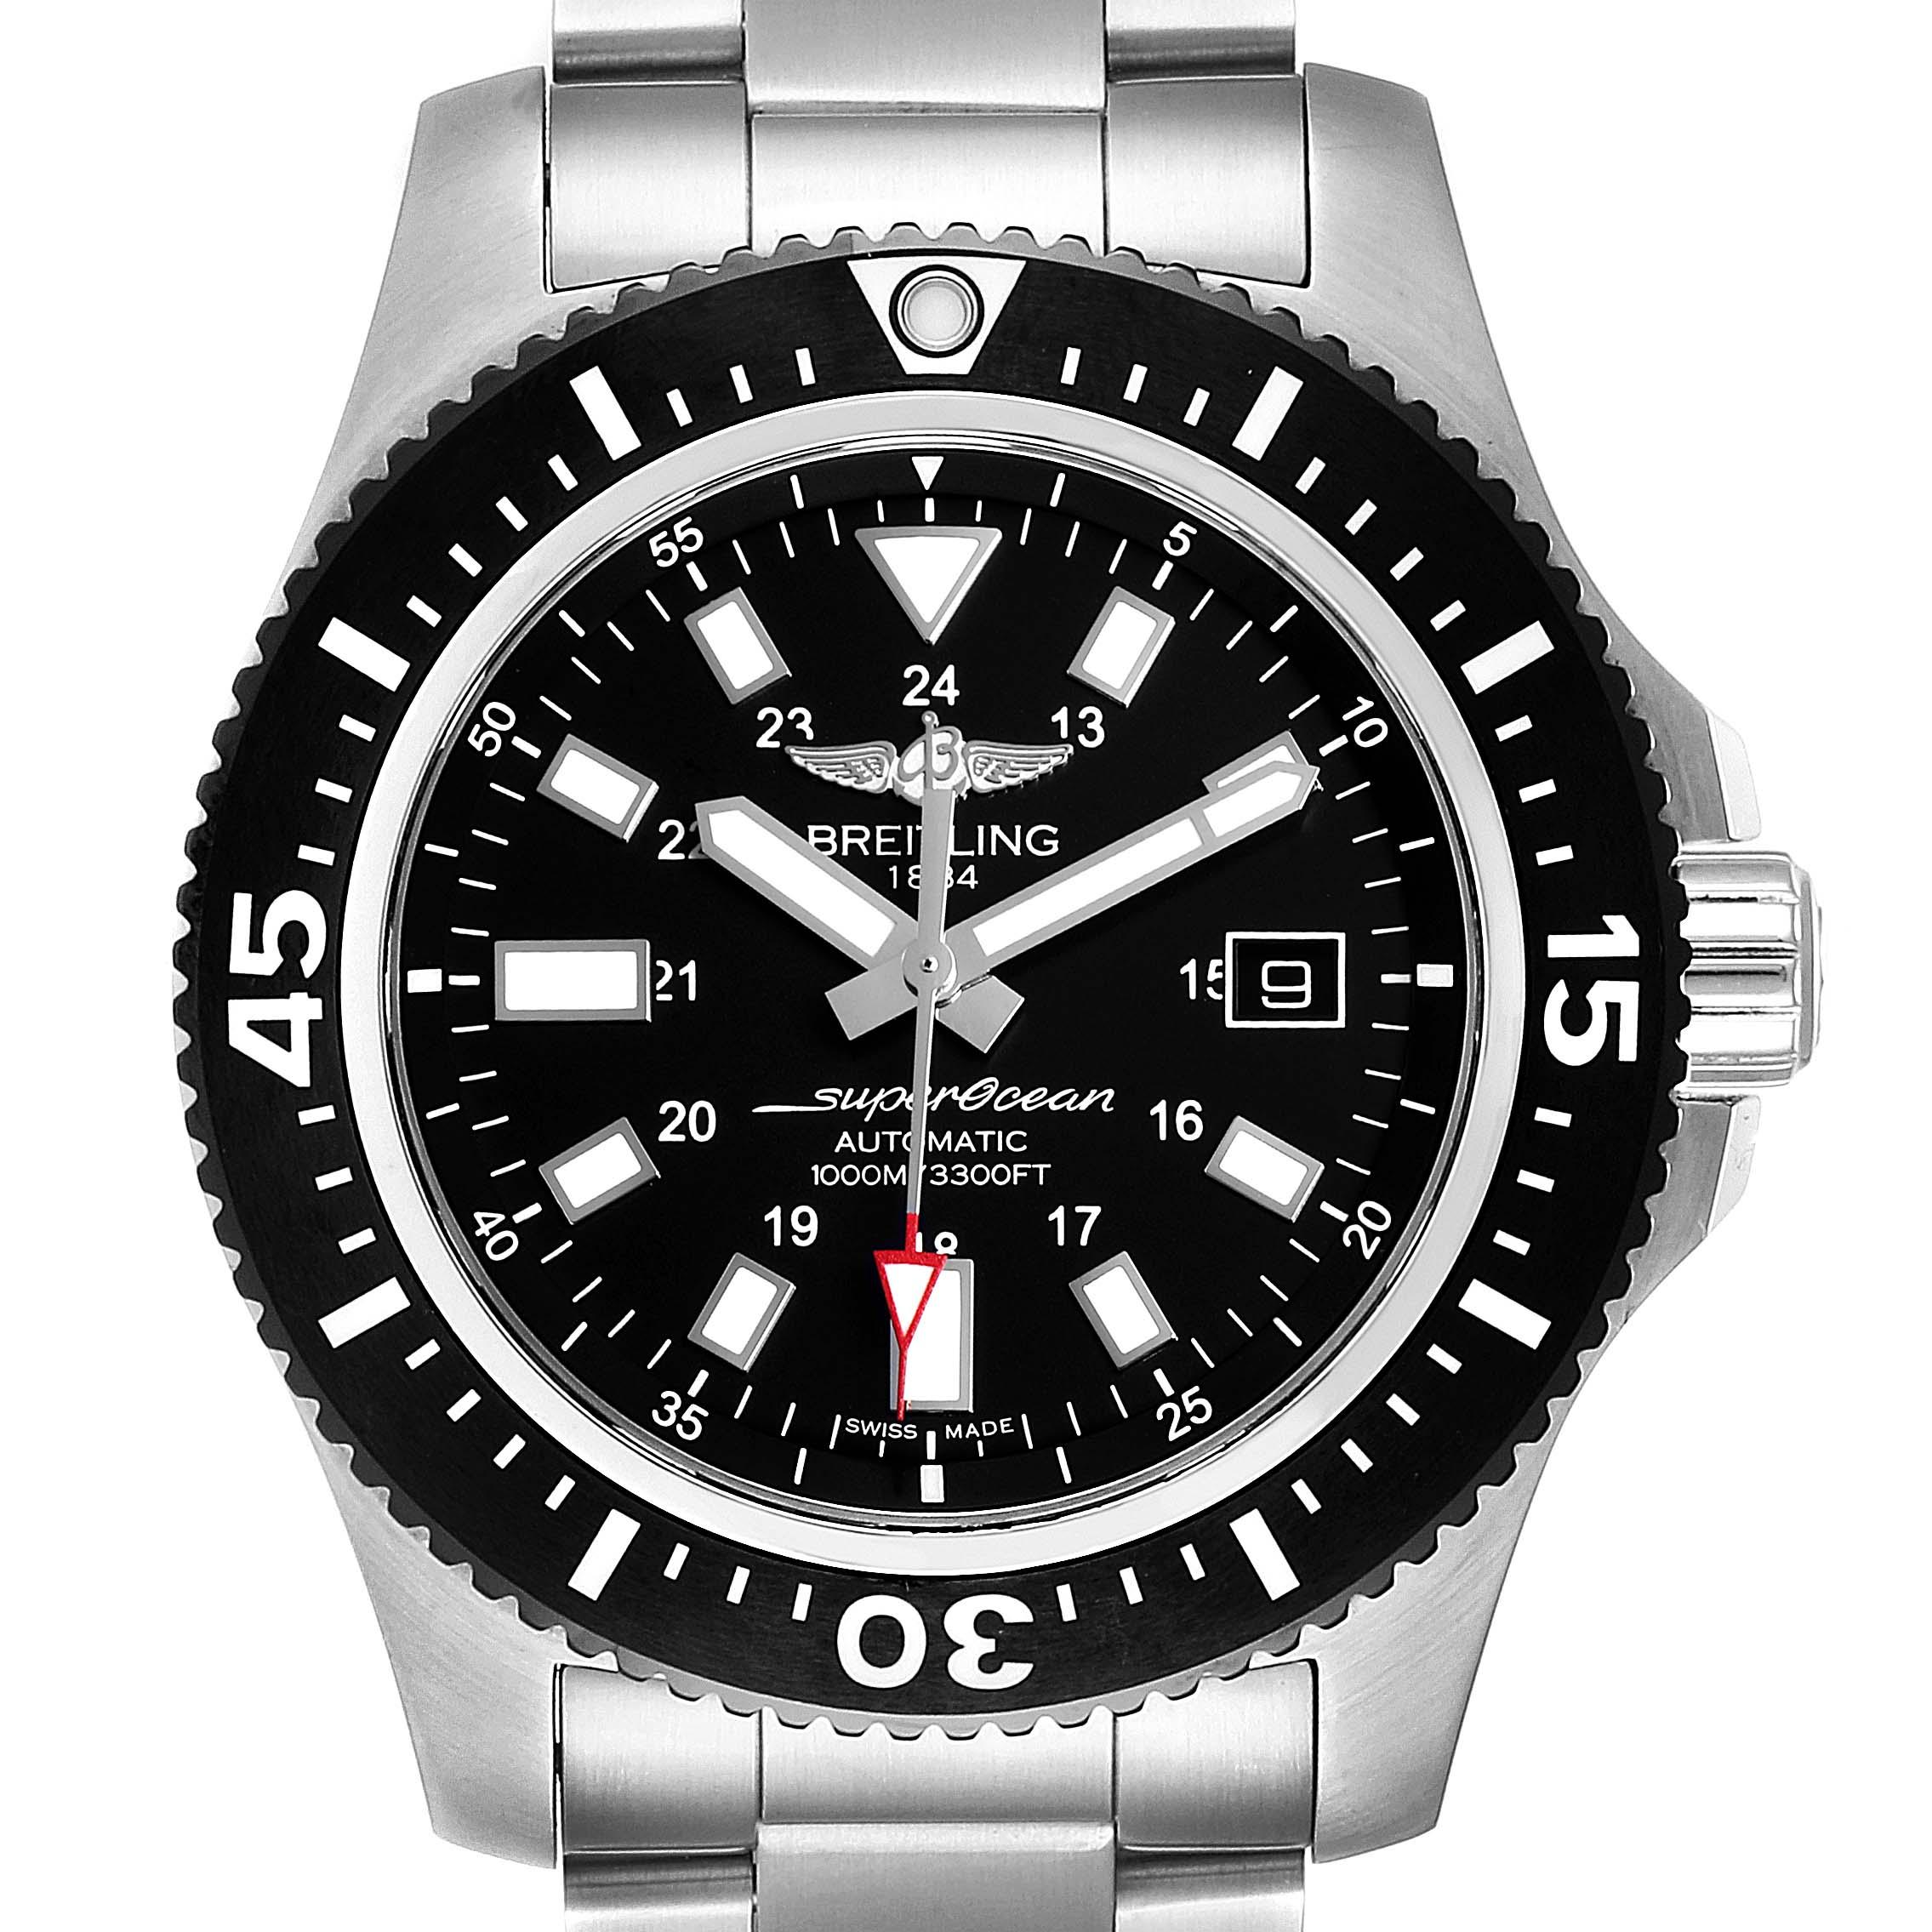 Breitling Aeromarine Superocean 44 Black Dial Watch Y1739310 Box Papers